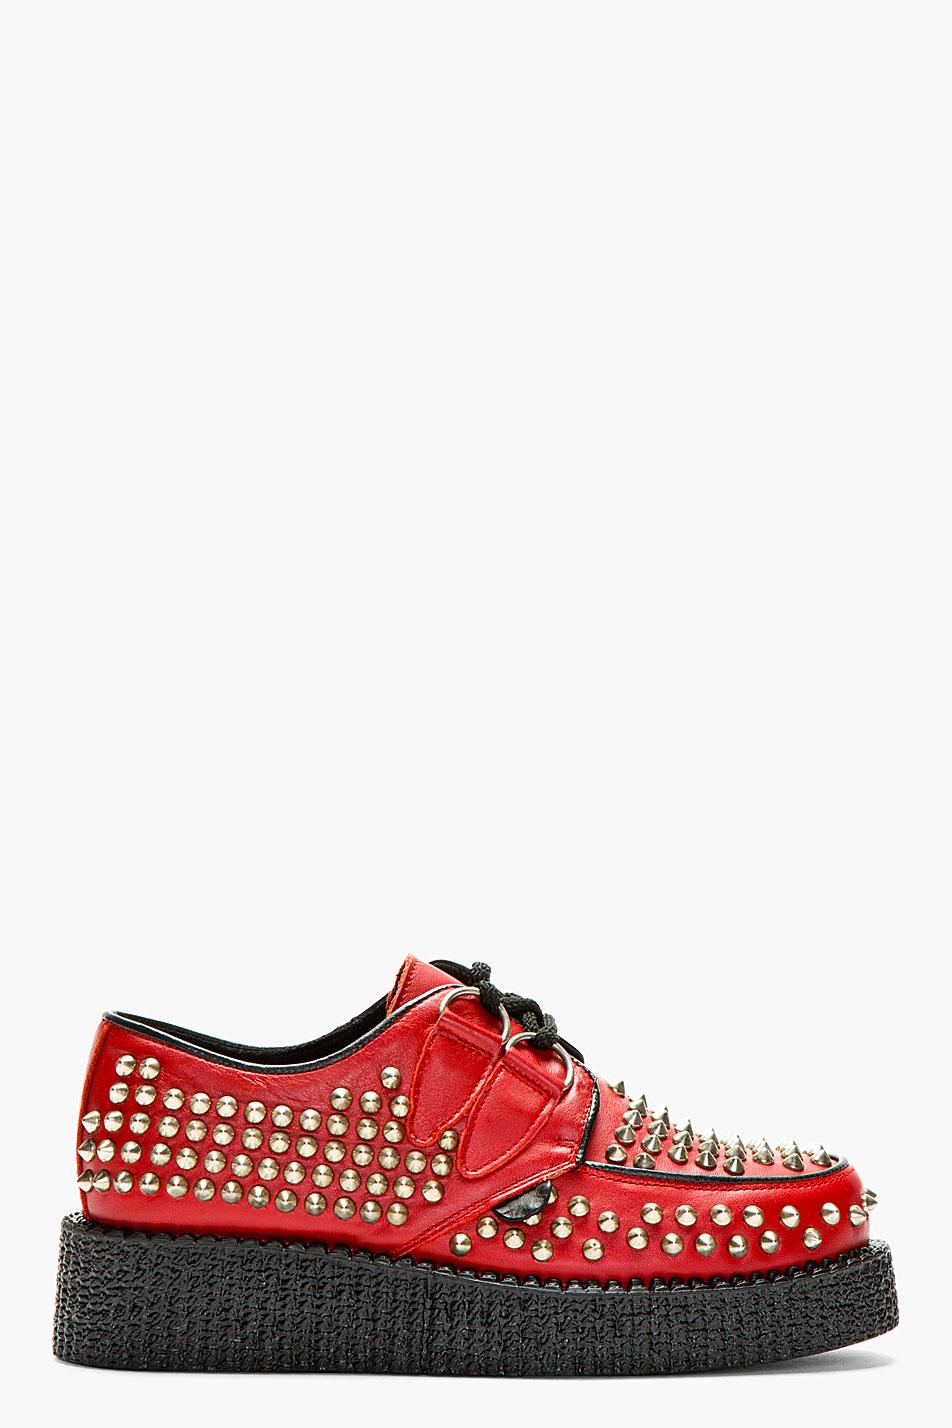 Underground red allover stud wulfrun platform shoes